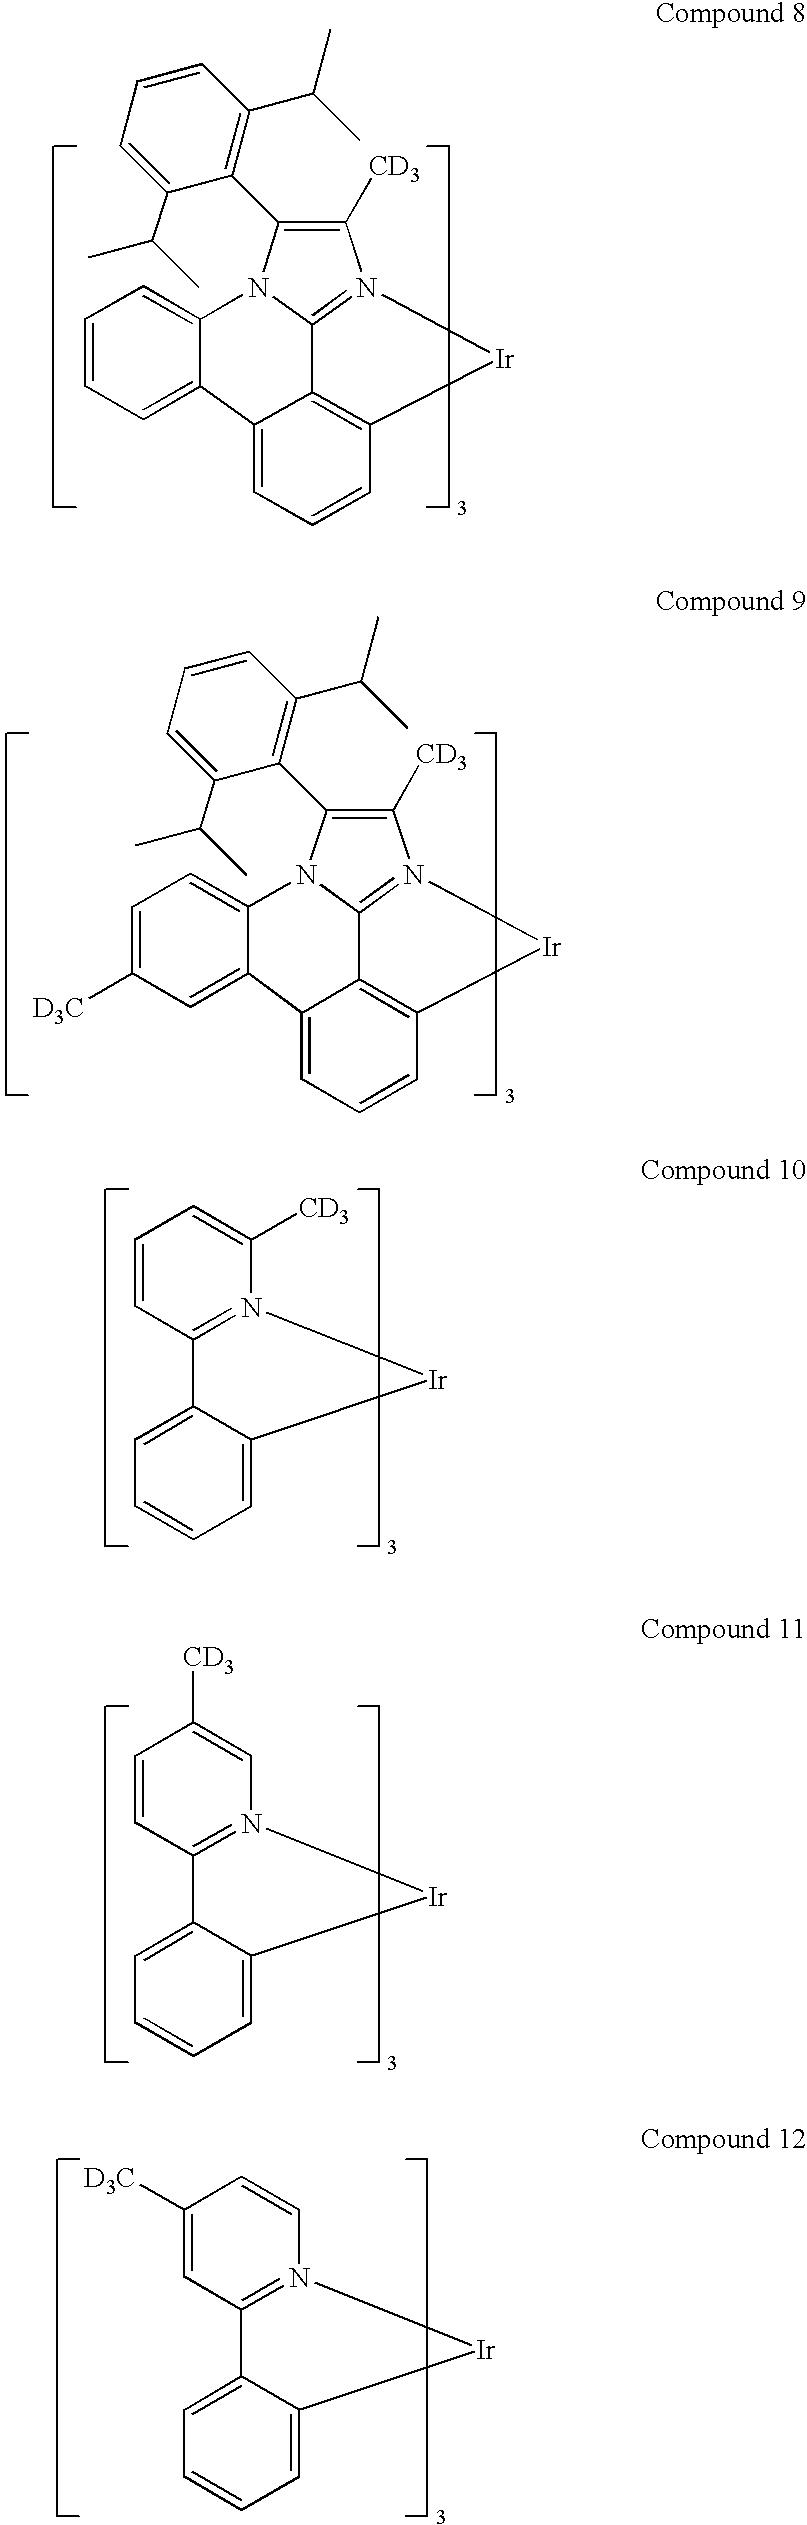 Figure US20100270916A1-20101028-C00018